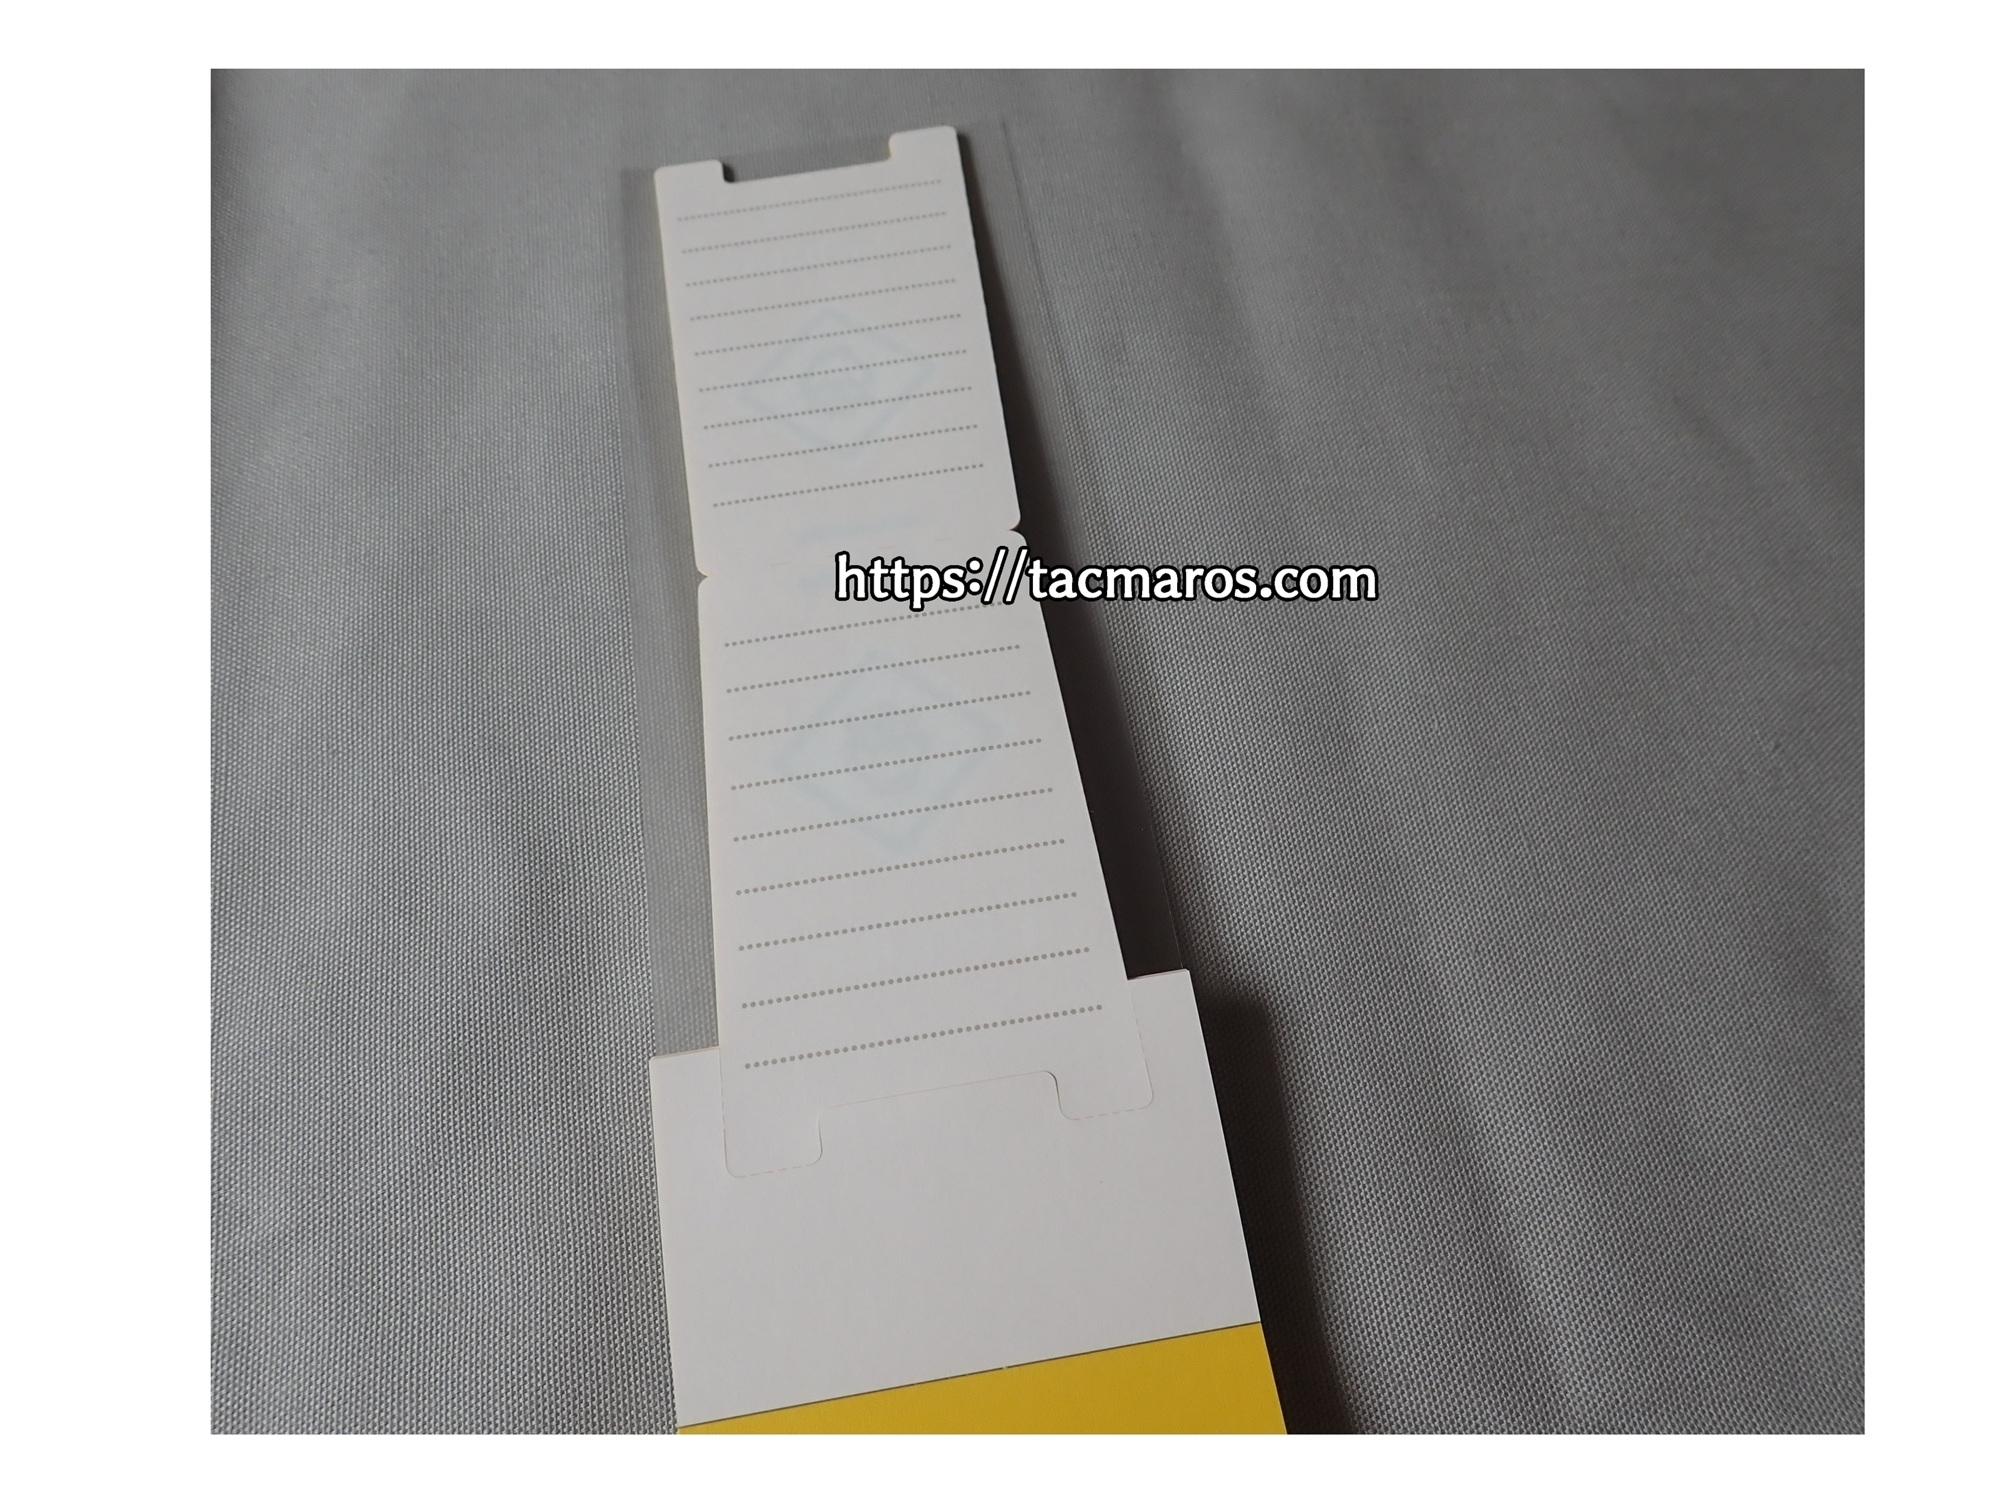 マイニンテンドー プラチナポイント交換グッズ スーパーマリオメーカー 2 工事中看板メモ メモ用紙部分